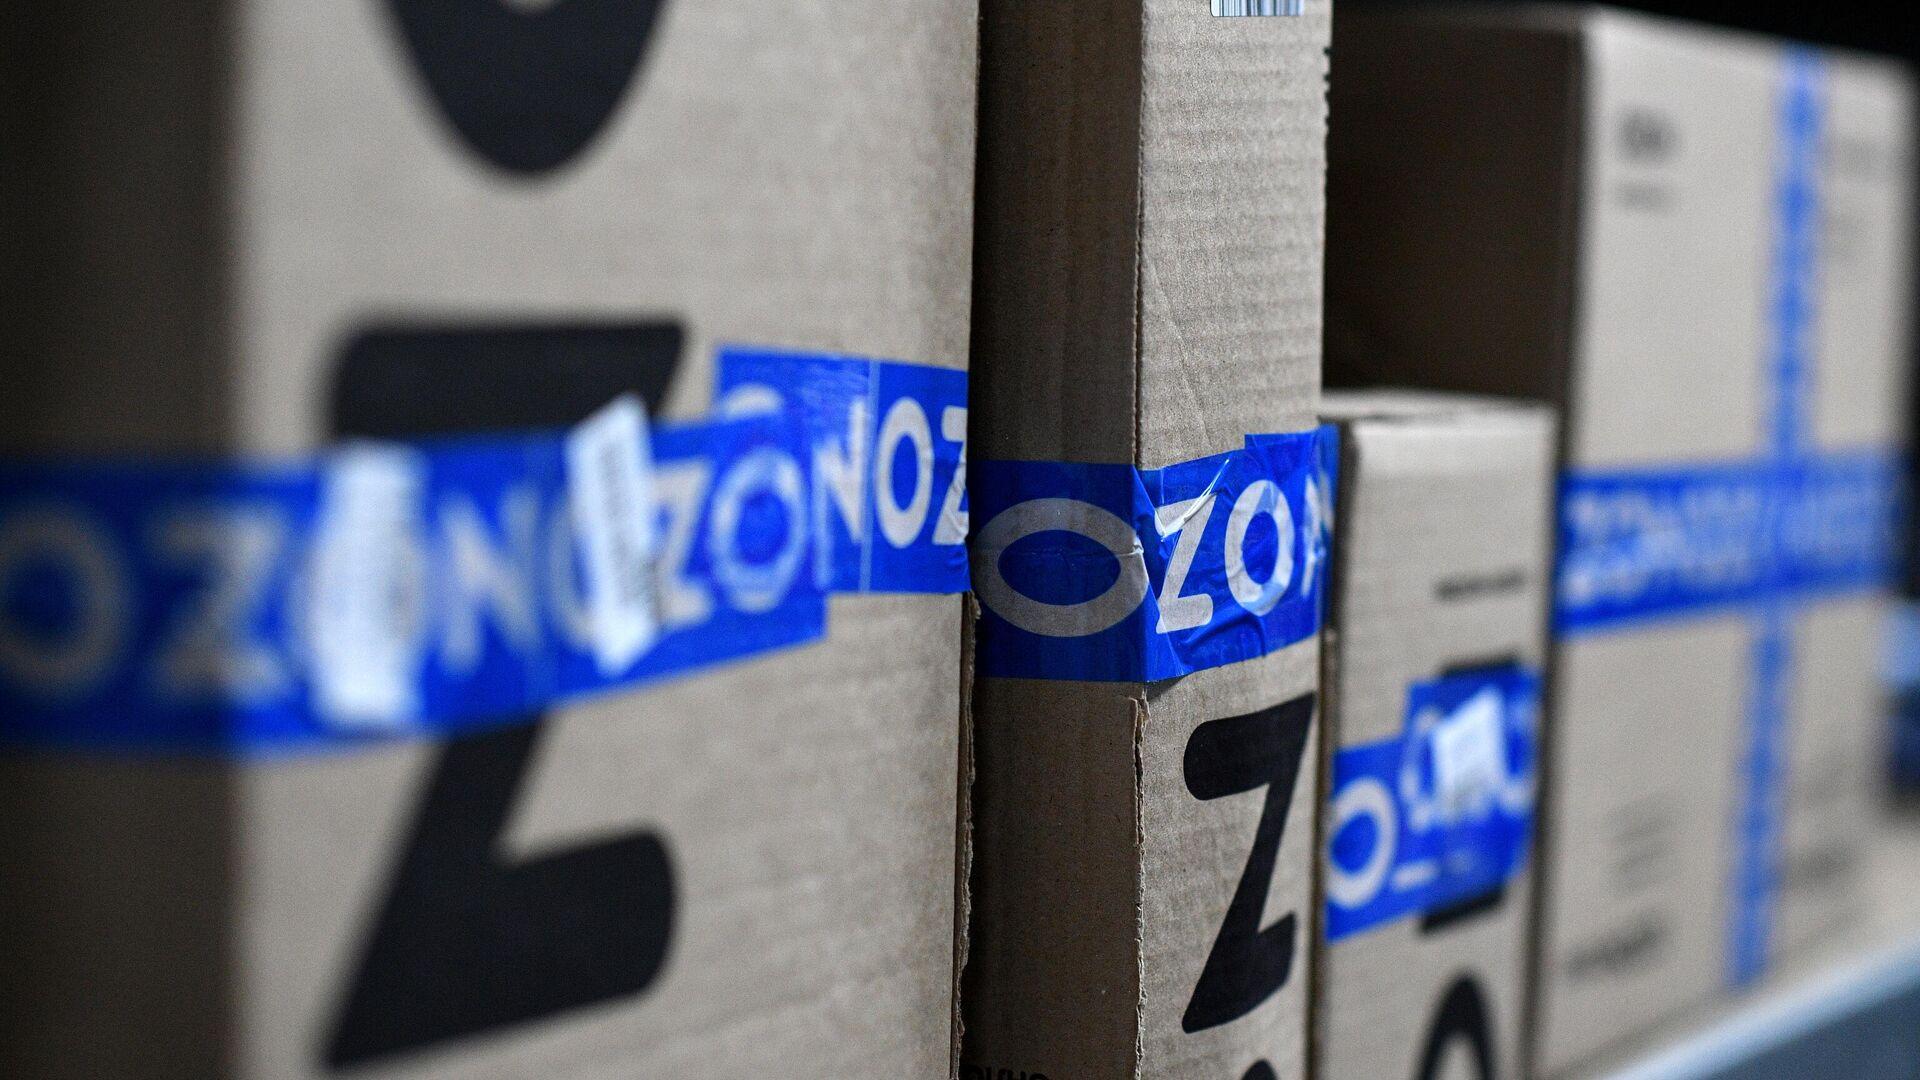 Заказы покупателей на складе в пункте выдачи интернет-магазина OZON в Москве - РИА Новости, 1920, 06.09.2021